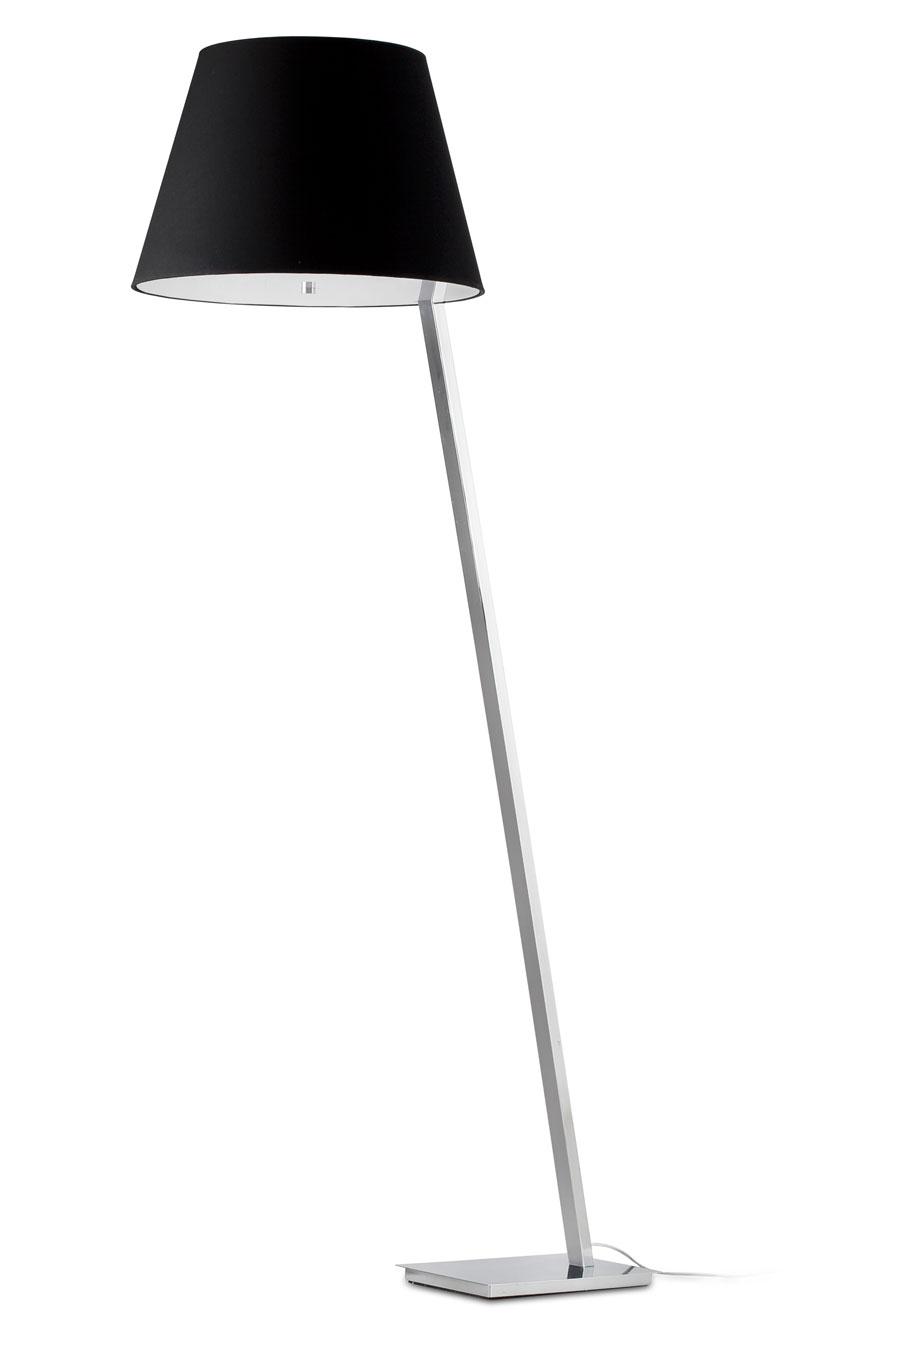 Moma lampadaire design chrome et tissu noir. Faro.